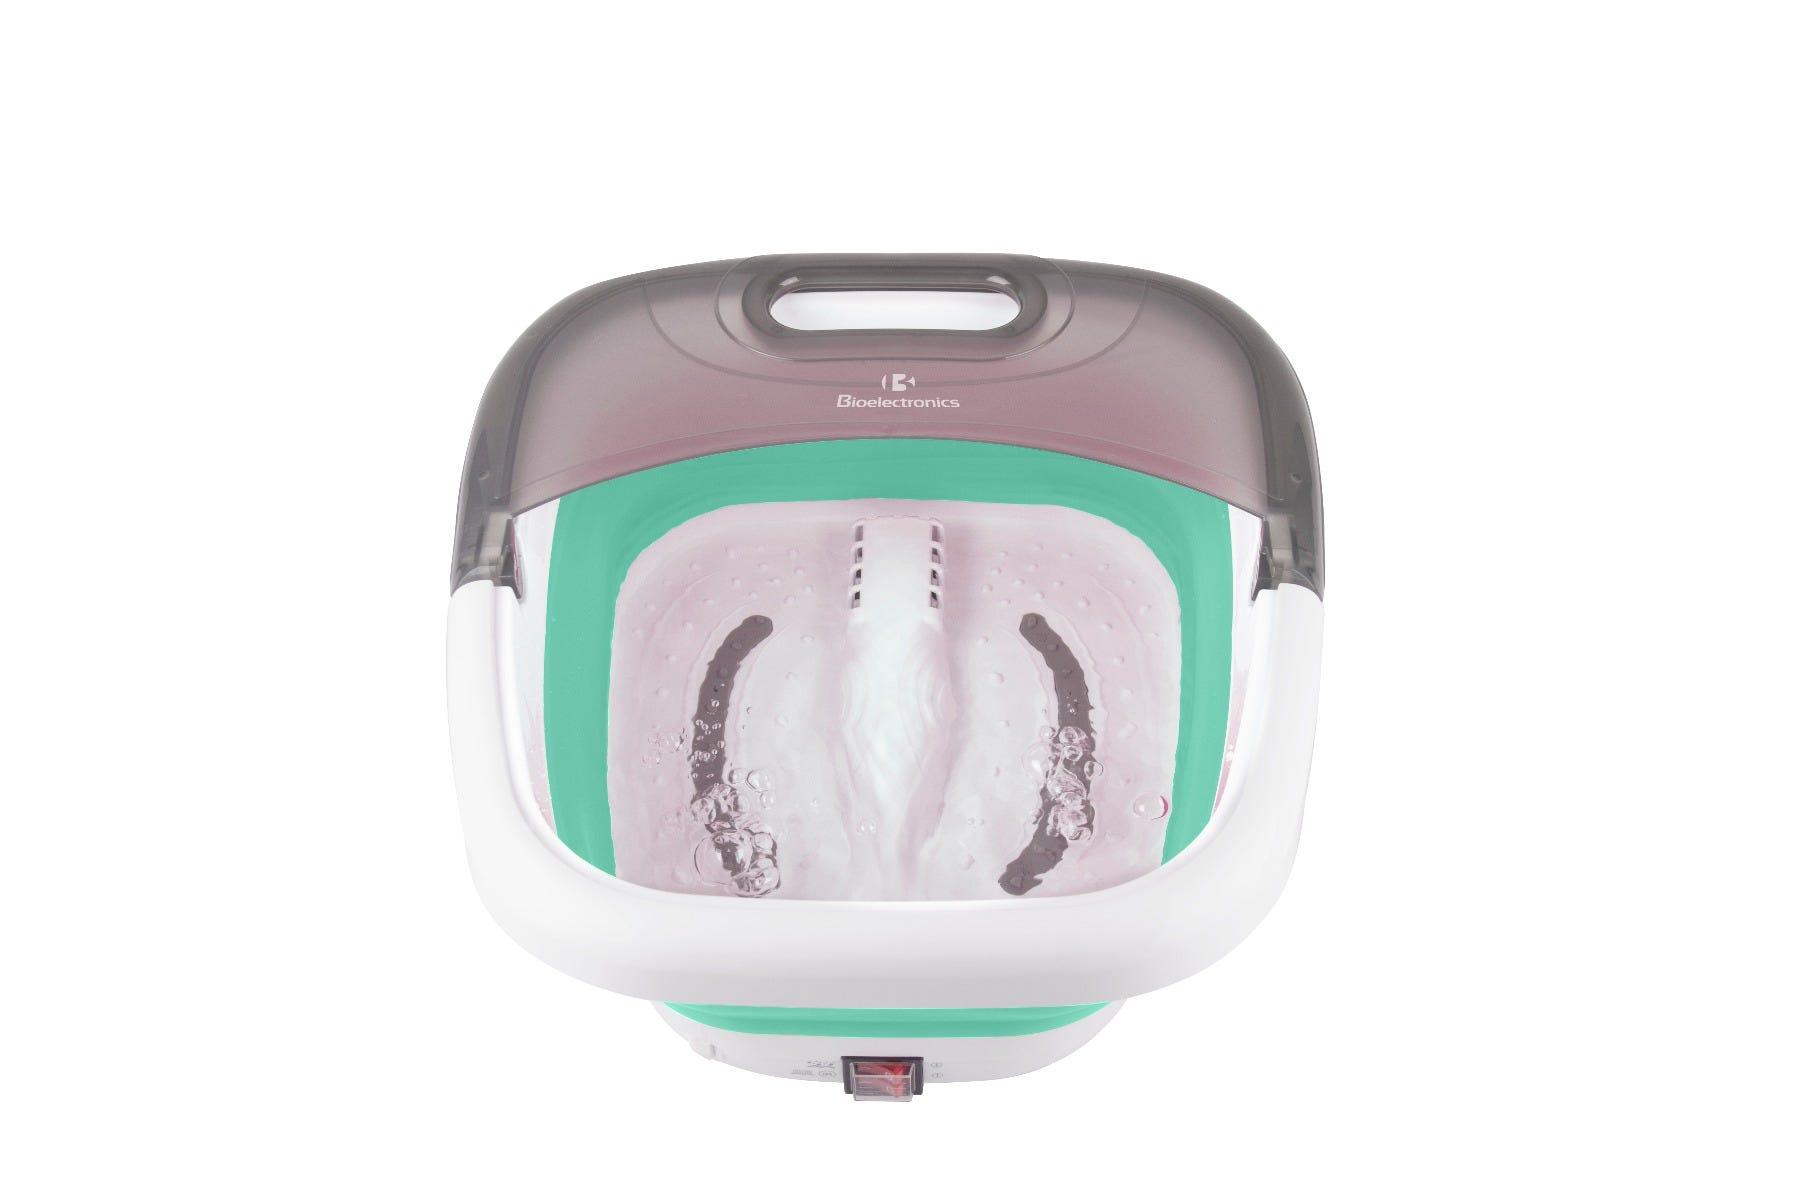 Spa de pies Bioelectronics® térmico con hidromasaje color blanco